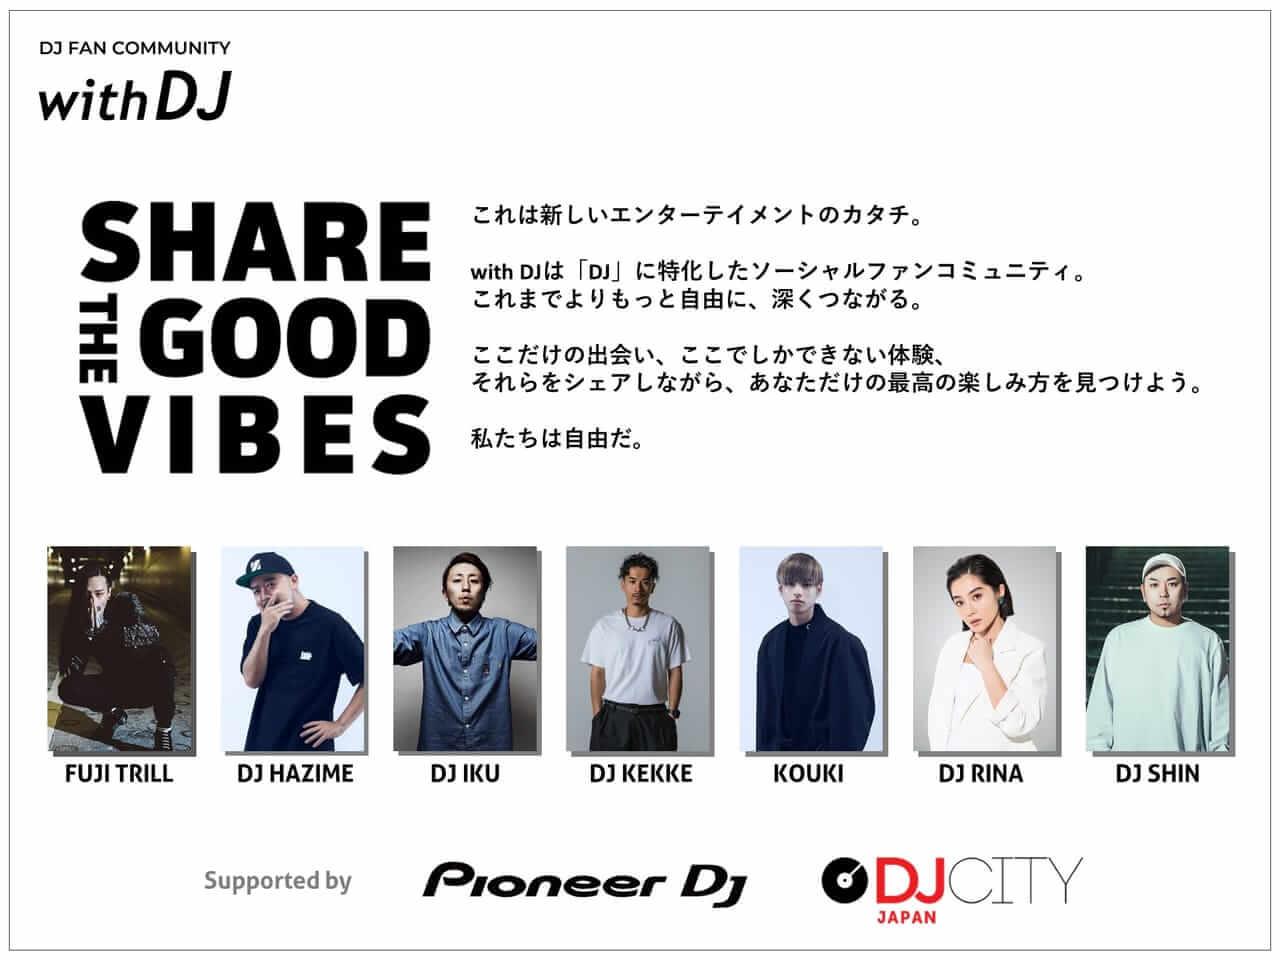 会員制DJファンコミュニティサイト「with DJ」がサービス開始 第1弾はFUJI TRILL、DJ HAZIMEなど7人のDJが参加